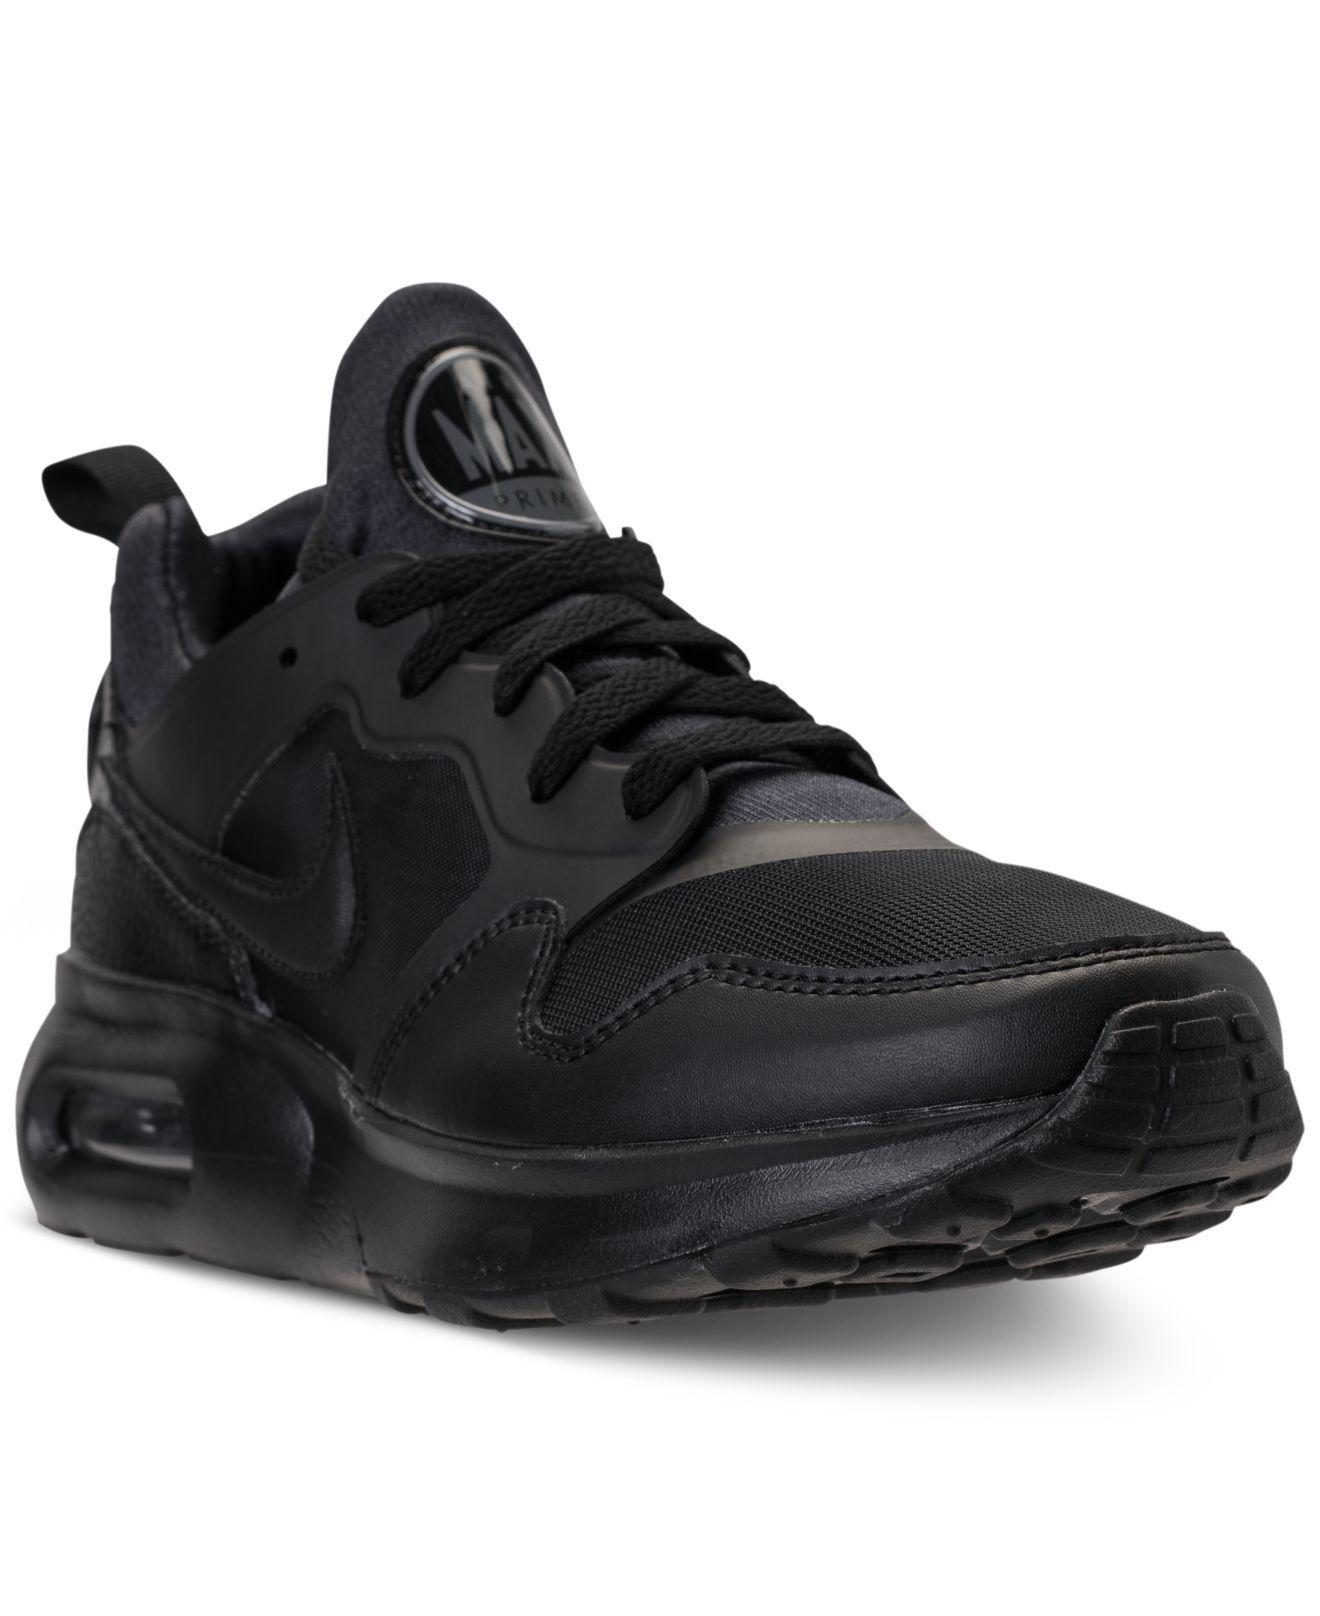 lyst nike air max primo in scarpe da ginnastica maschile dal traguardo in